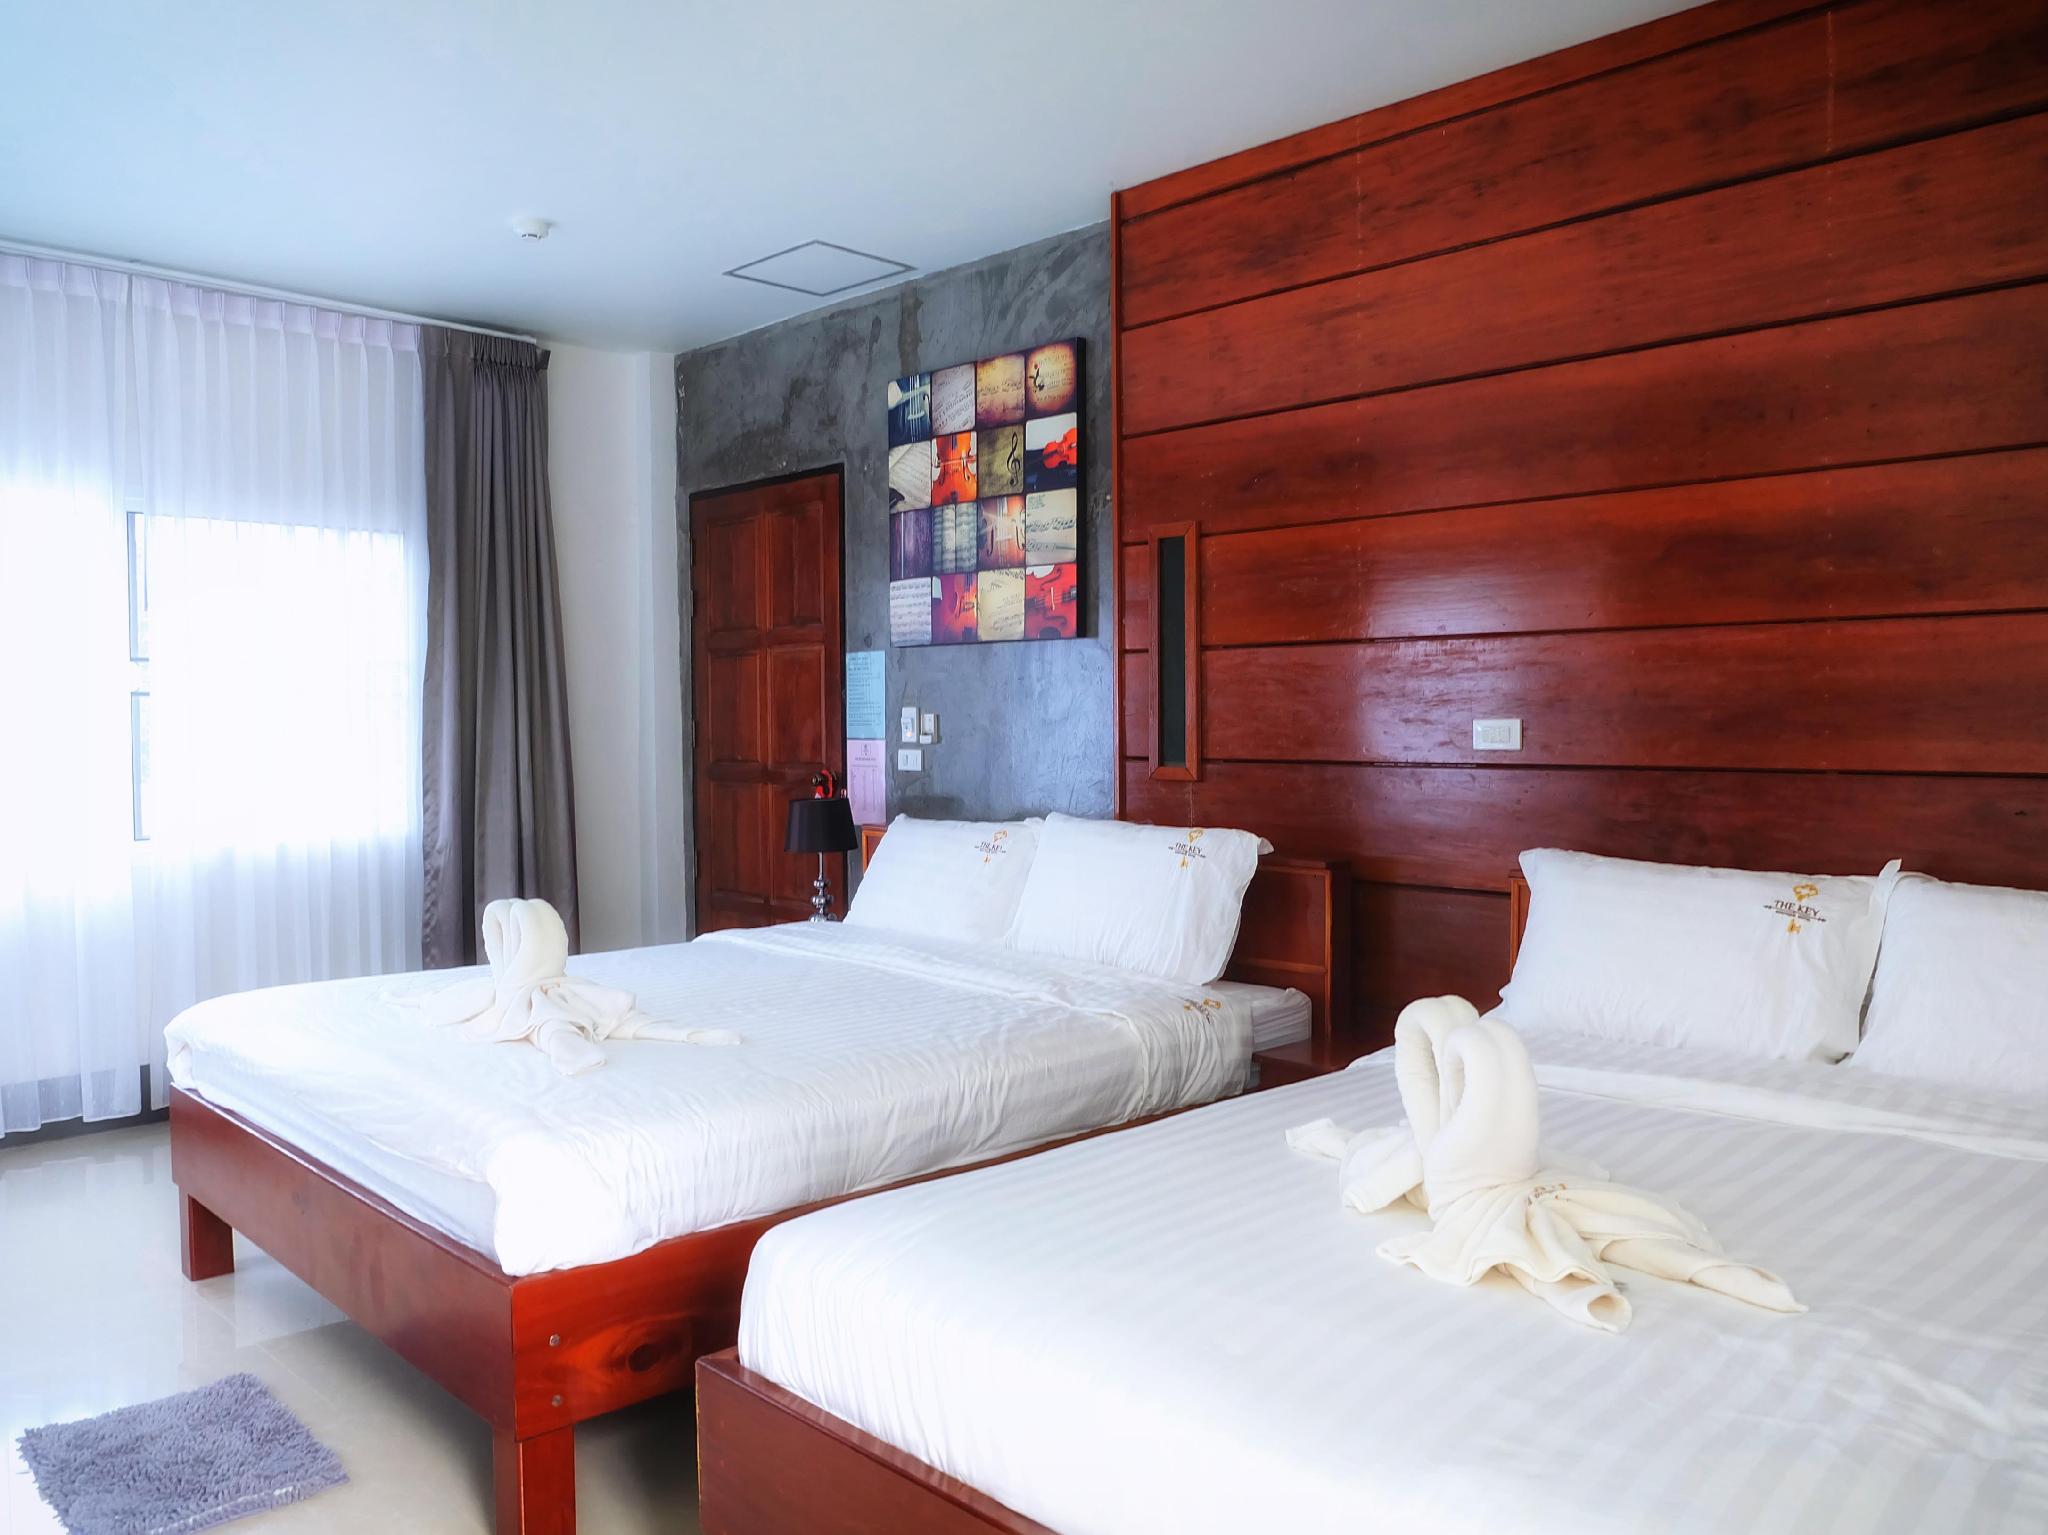 โรงแรมเดอะ คีย์